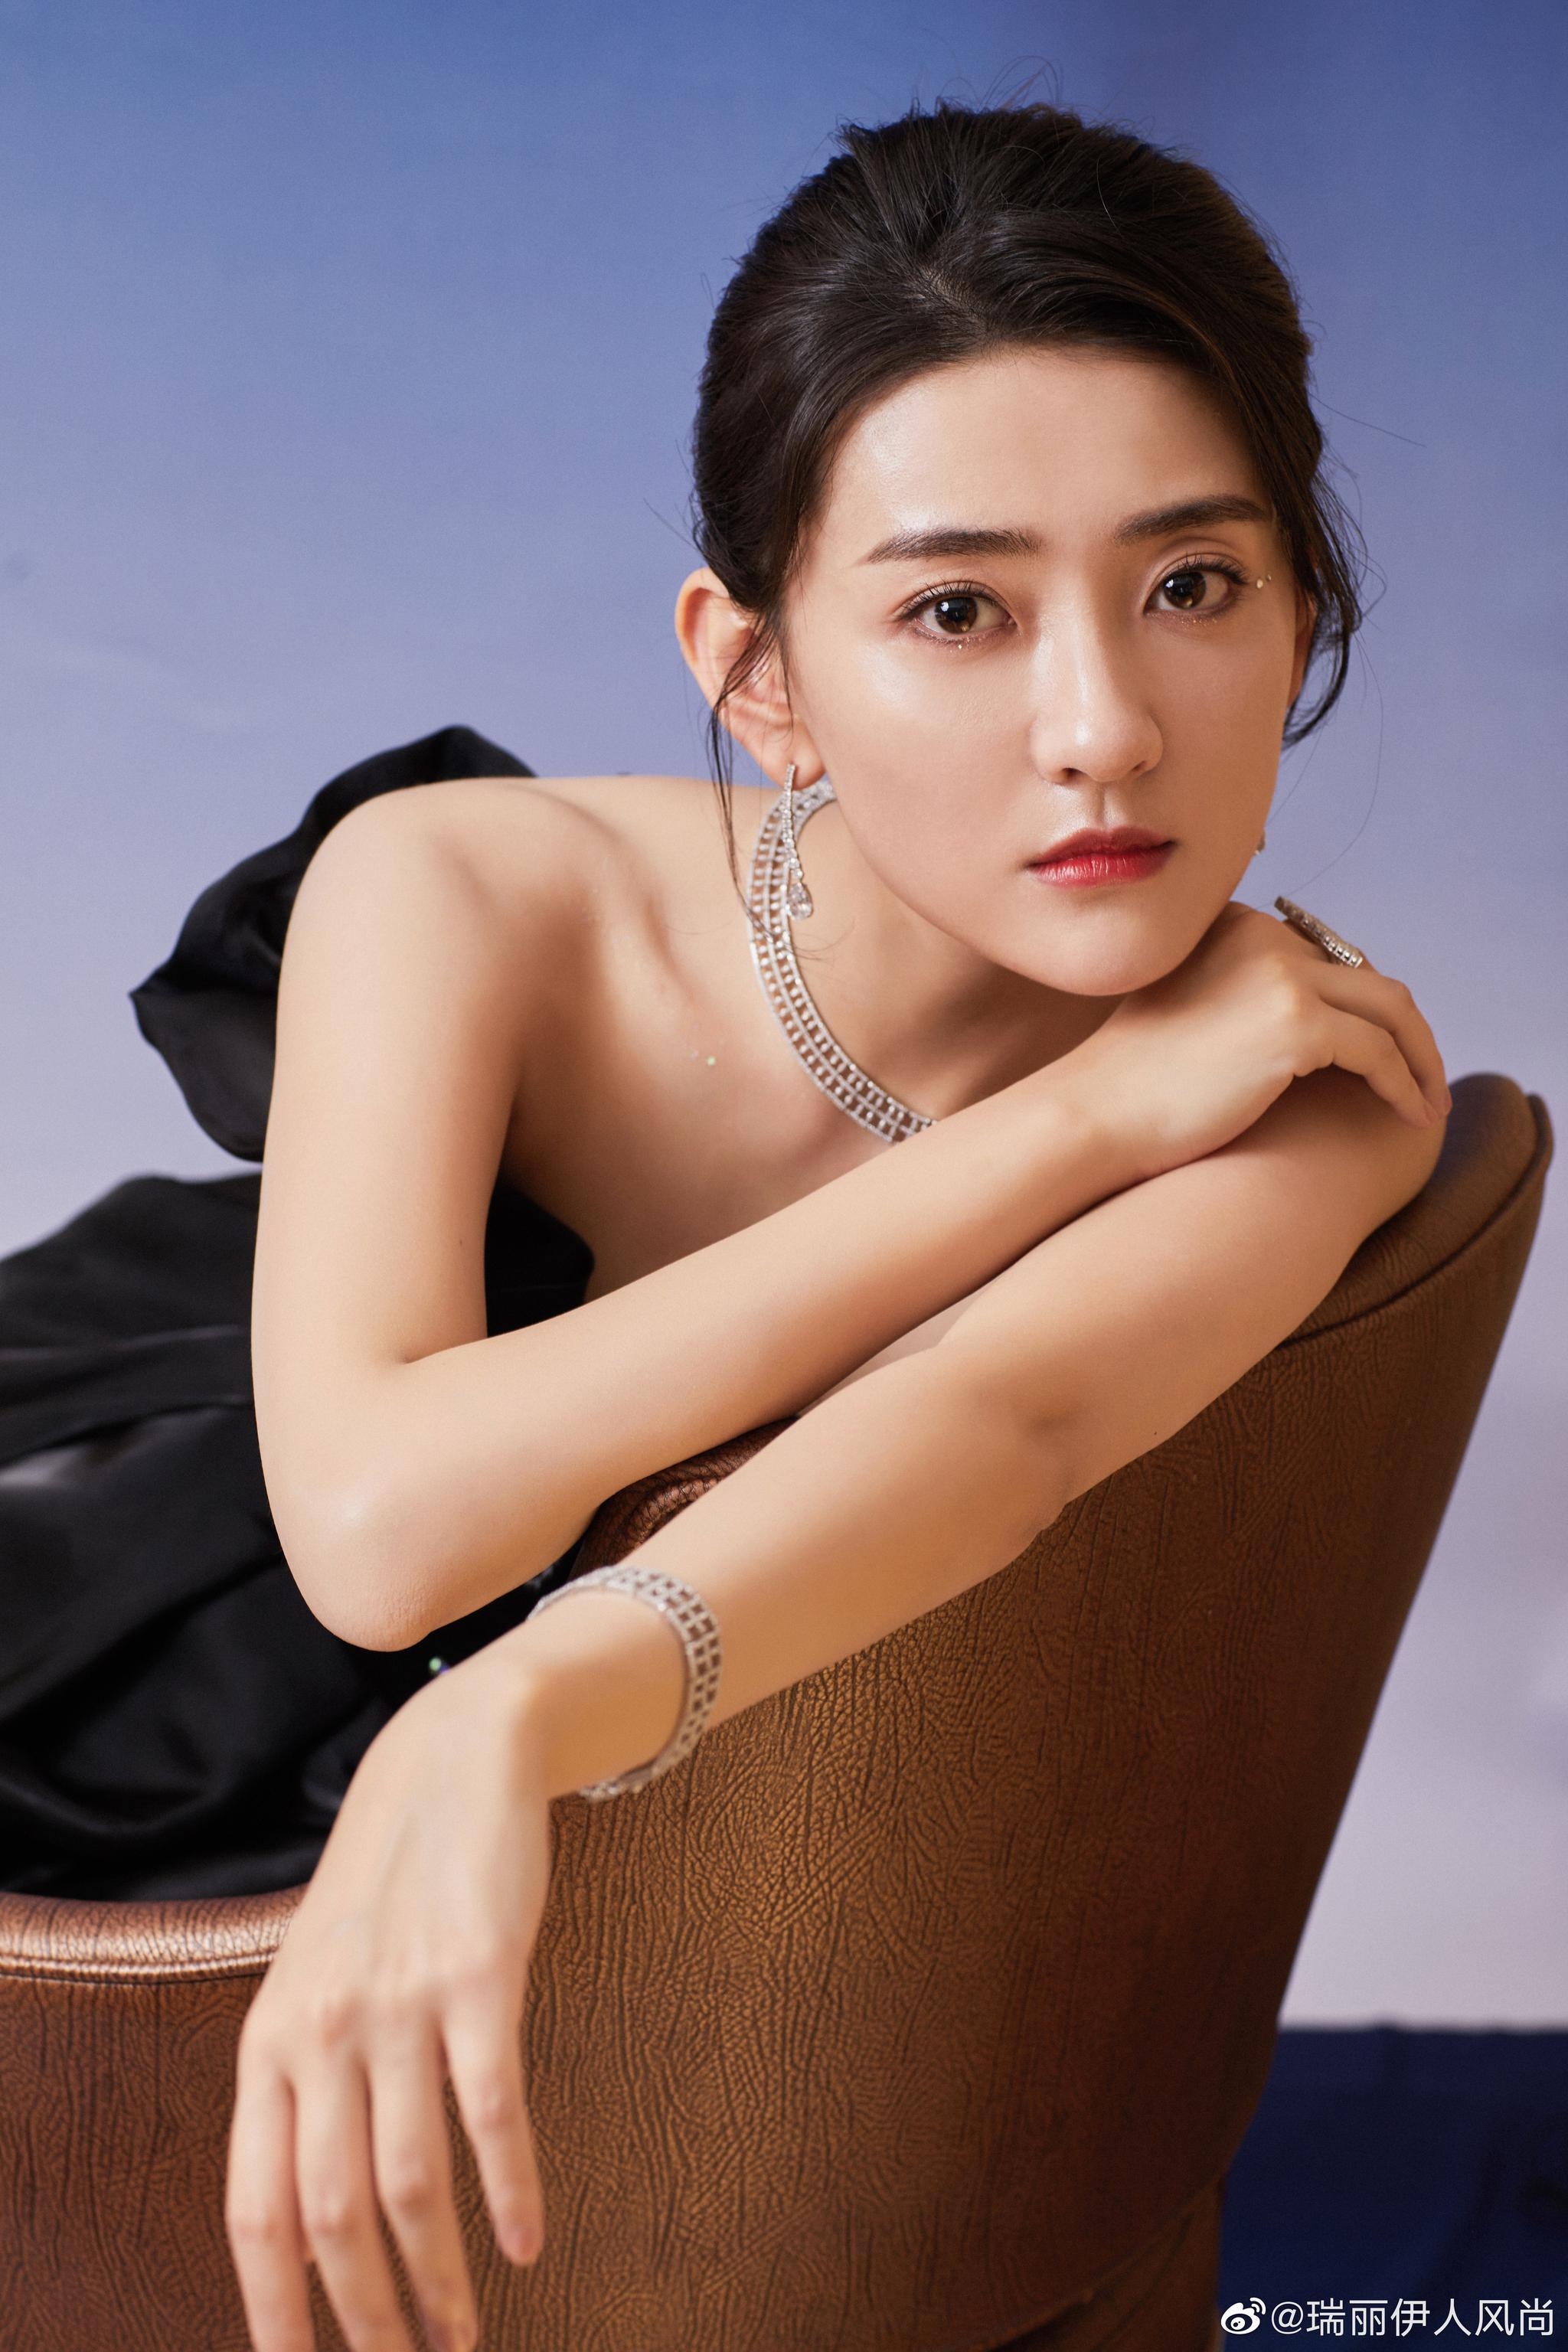 演员@梁洁Little 身着黑色天鹅抹胸裙现身活动,优雅不失灵动……